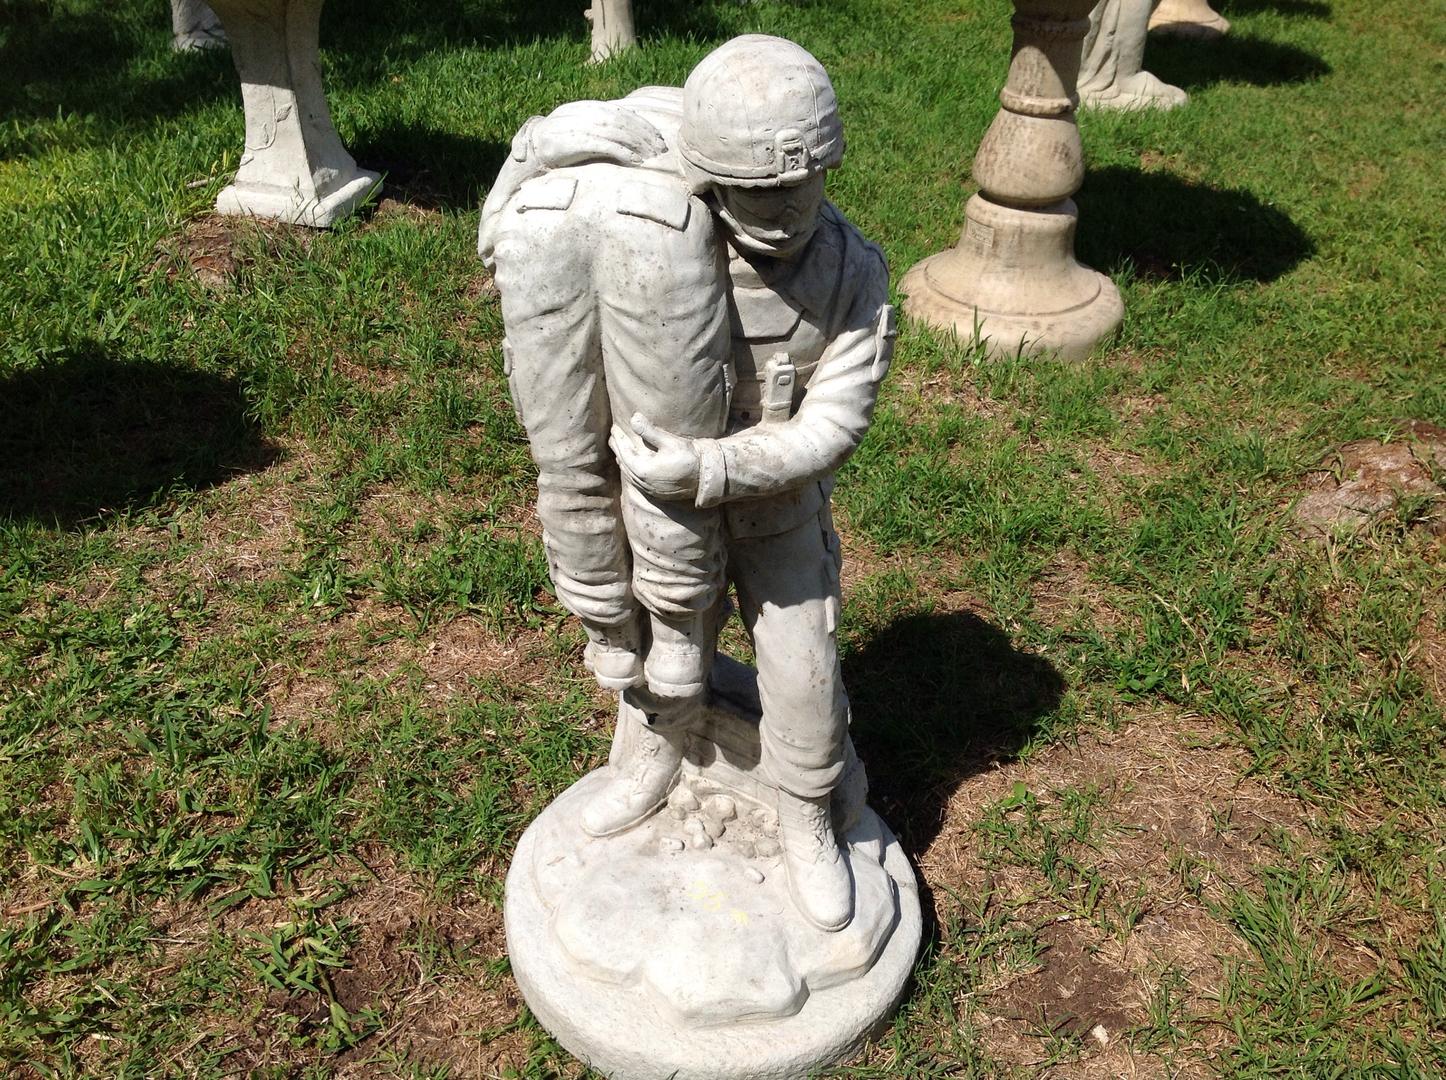 Concrete statuary and garden decor in San Antonio TX